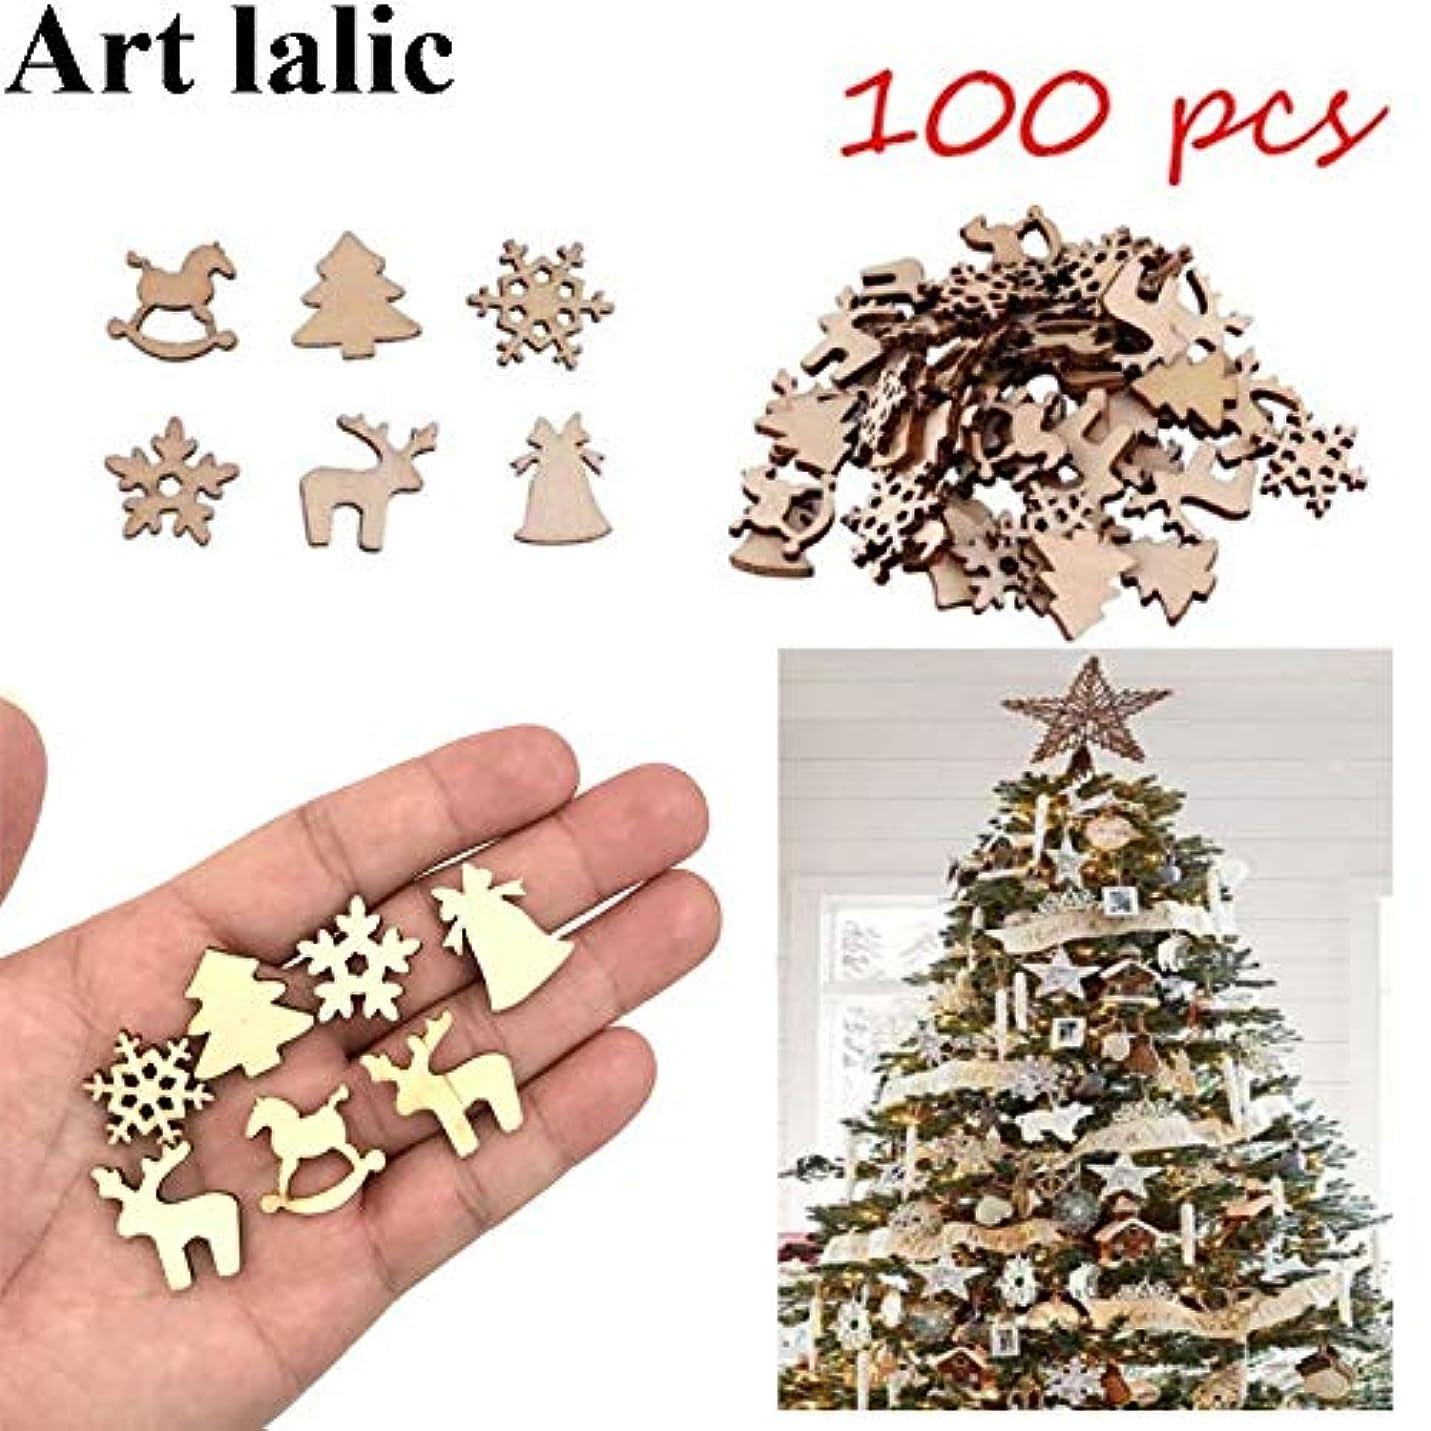 偶然怪しい危険を冒します100ピースクリスマステーマ木製ペンダントクリスマスツリーオーナメントパーティーデコレーションホームデコレーション手作りアクセサリー雪片鹿ツリーベル